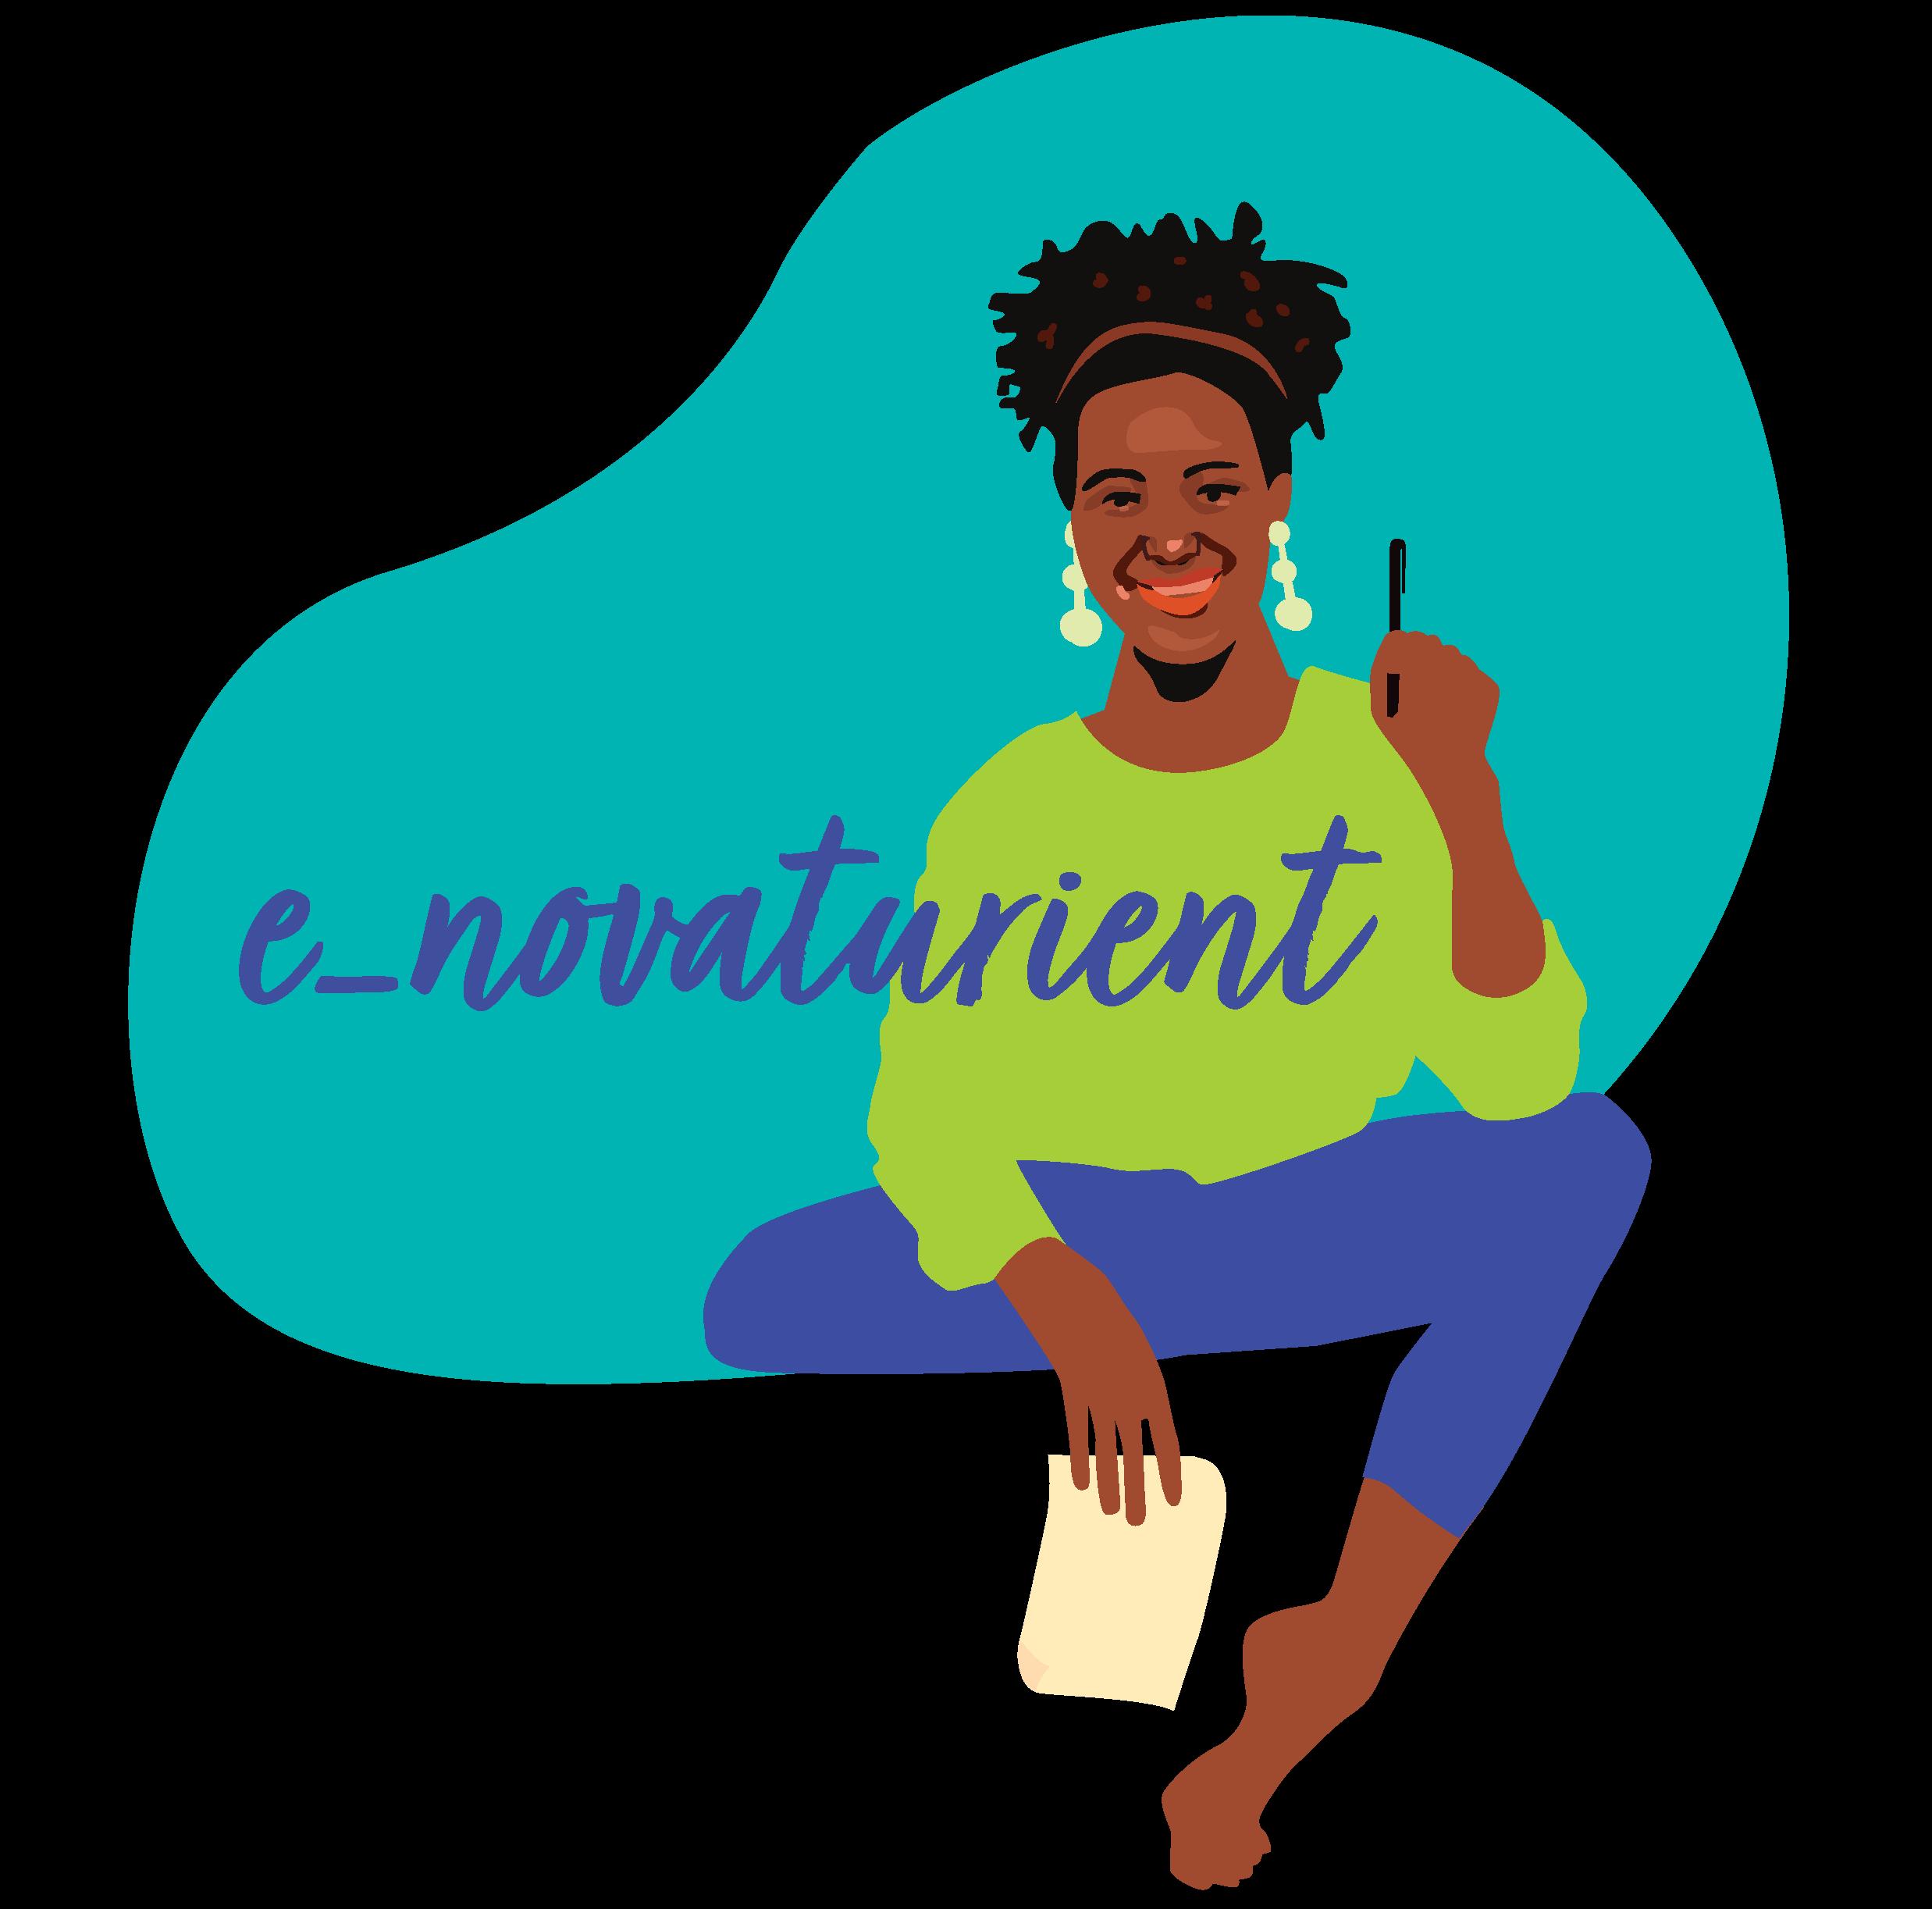 e_novaturient